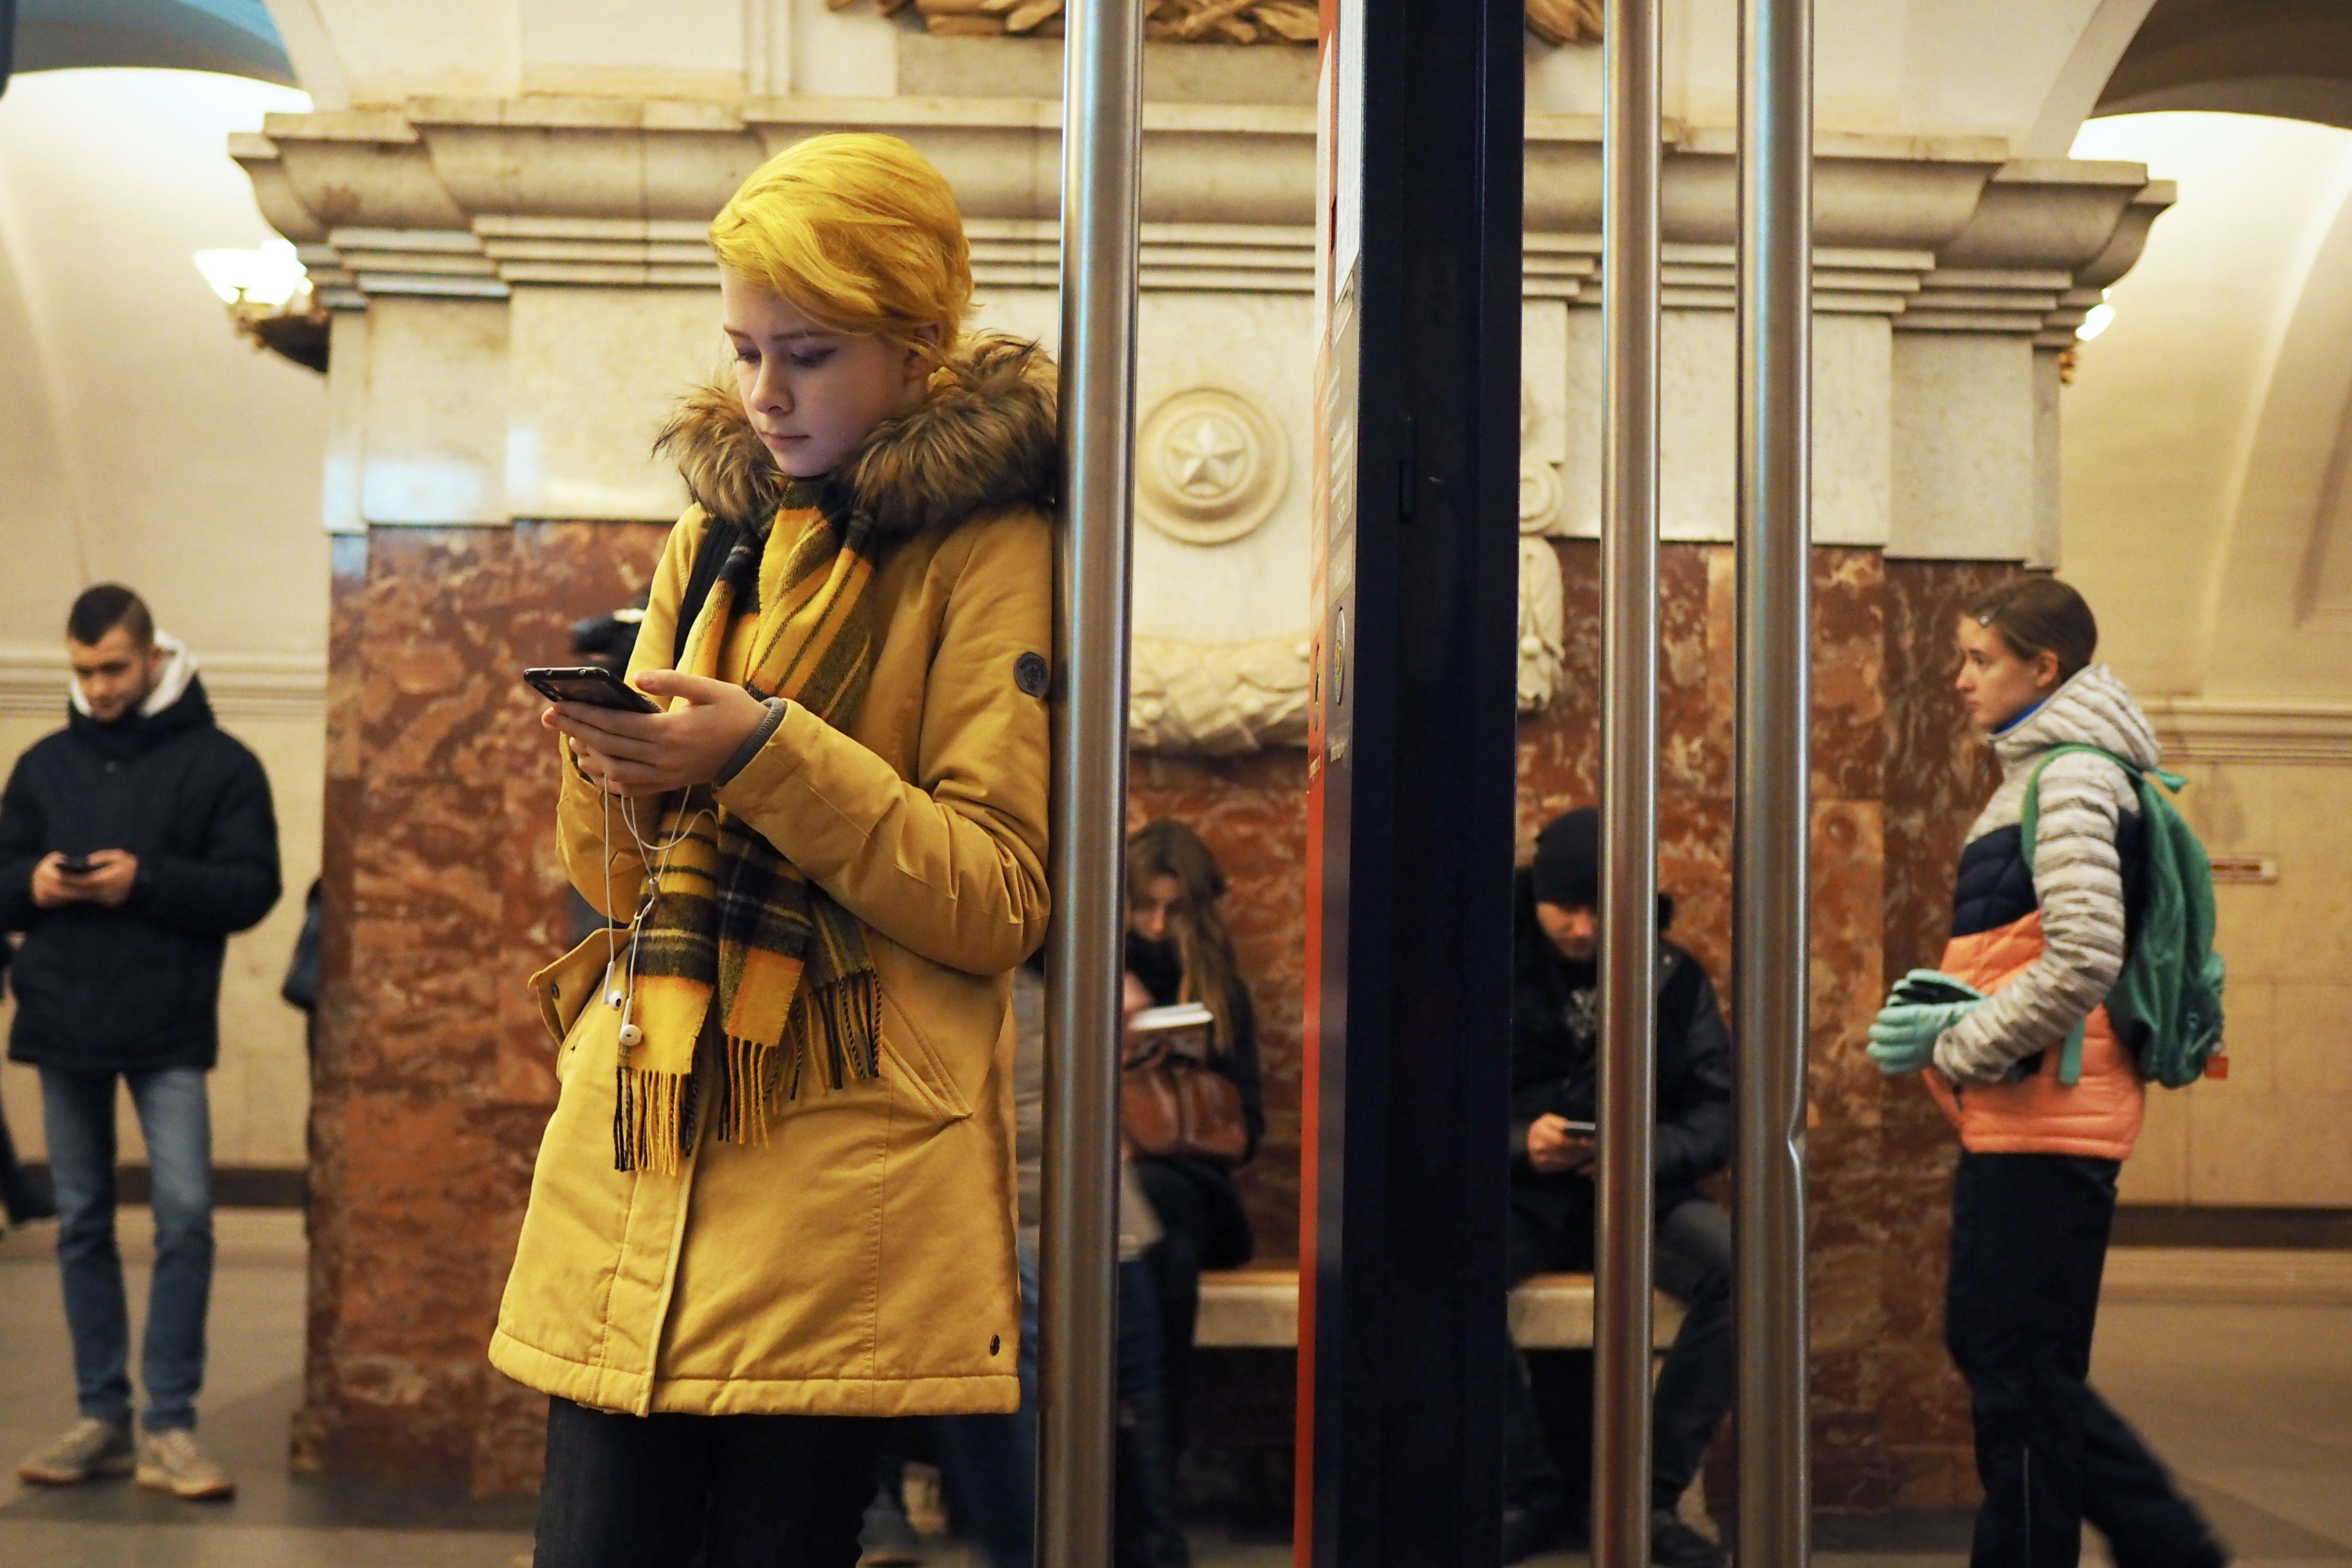 Москвичи смогут выбрать новые сервисы в столичном метро. Фото: Элина Масимова, «Вечерняя Москва»